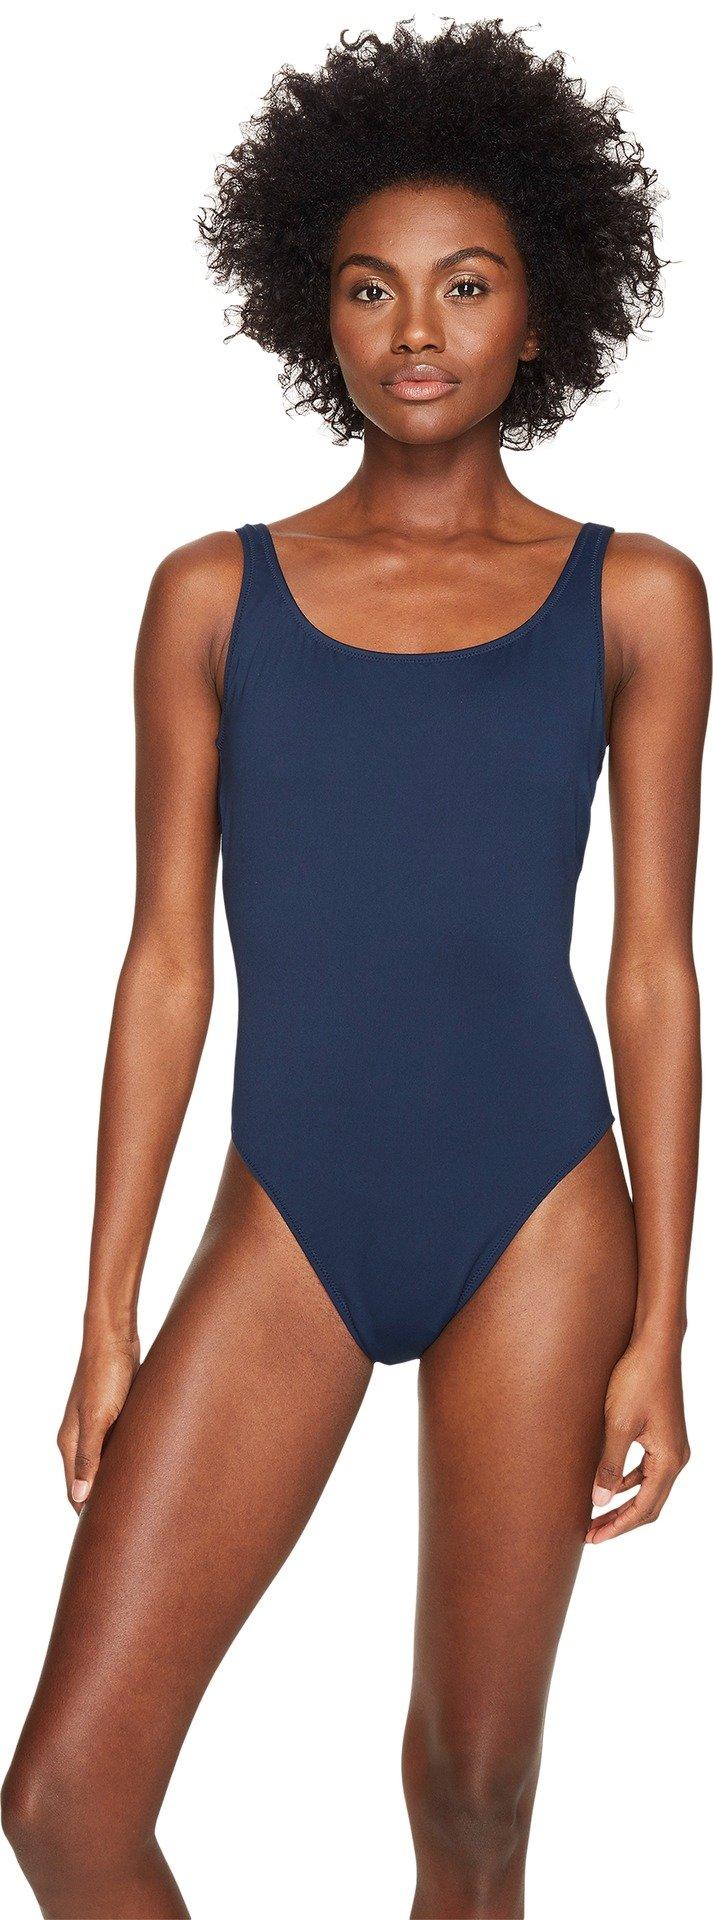 Letarte Women's Solid Lattice Back One-Piece Dusty Navy Swimsuit